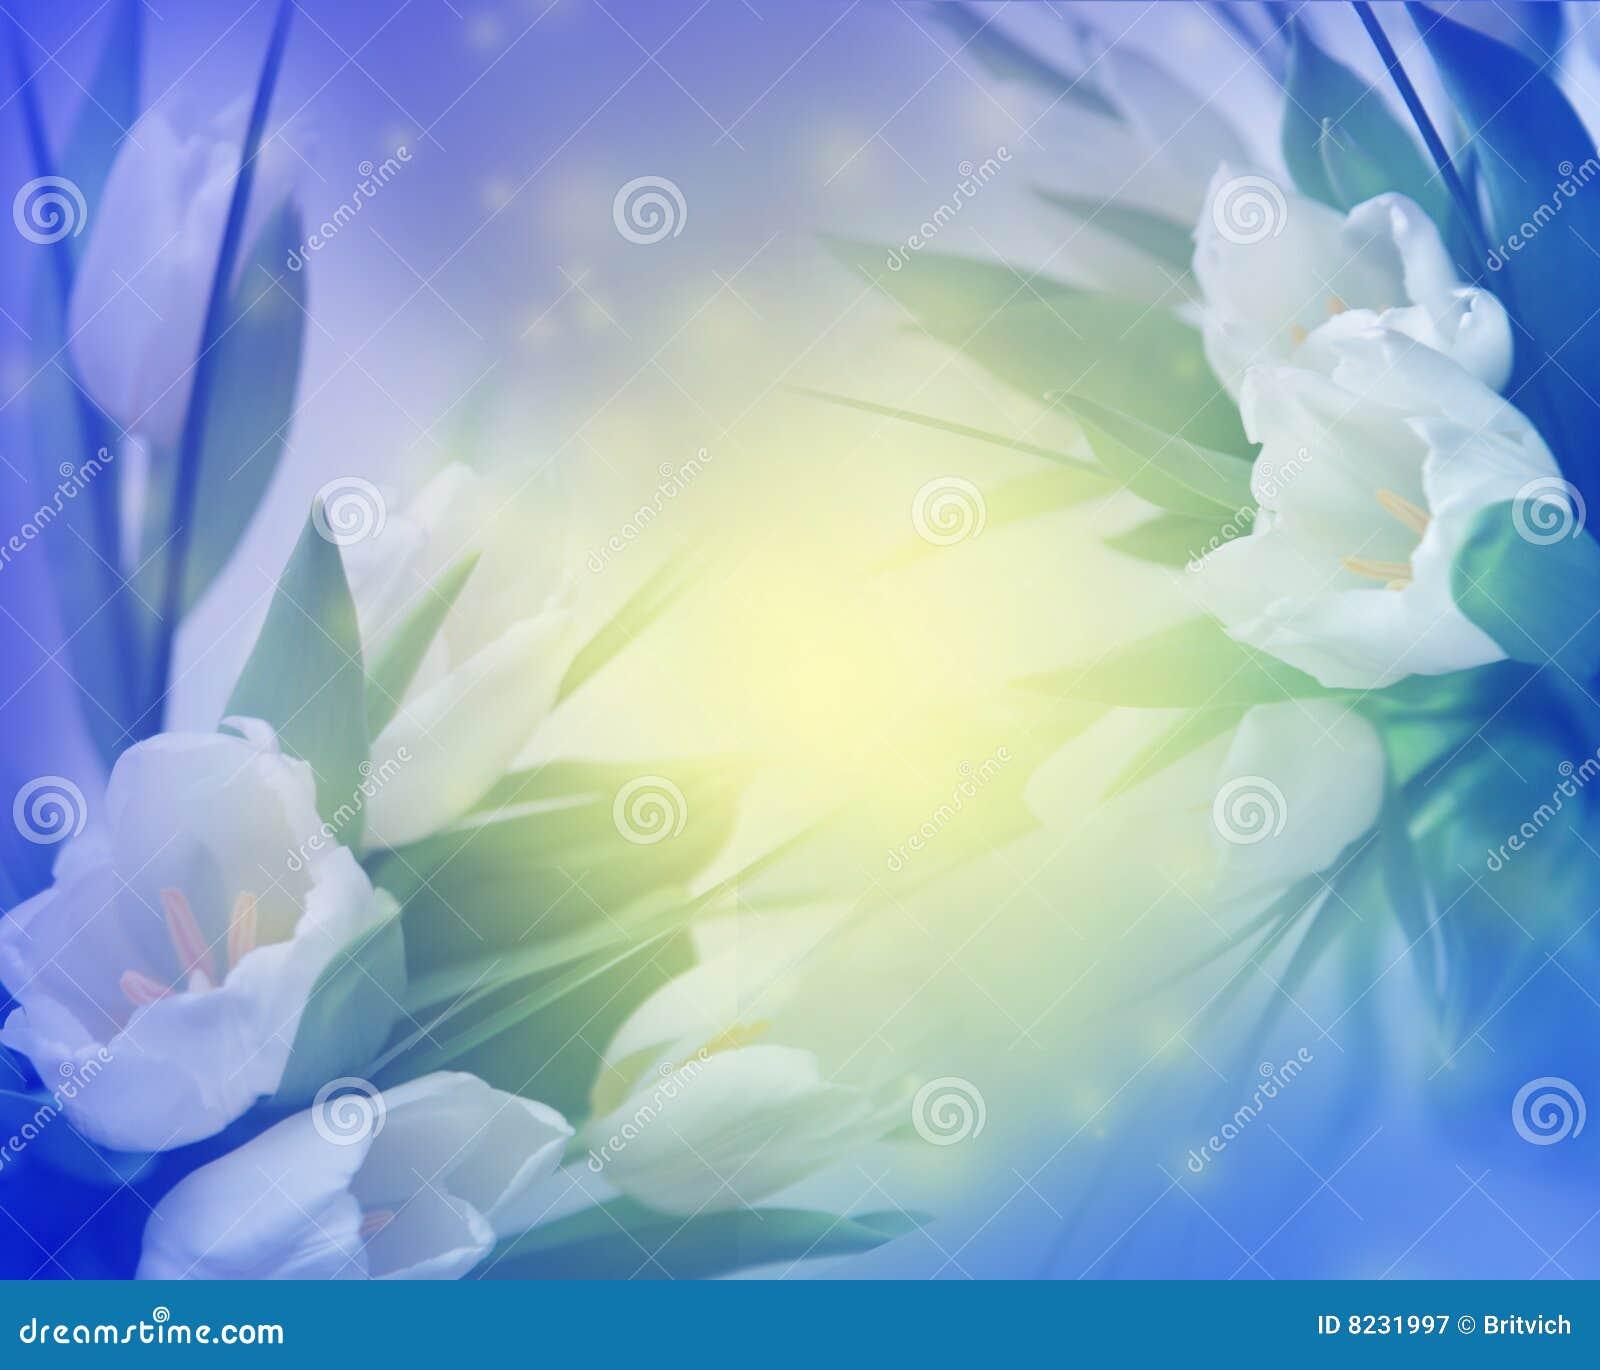 Sunny tulips background